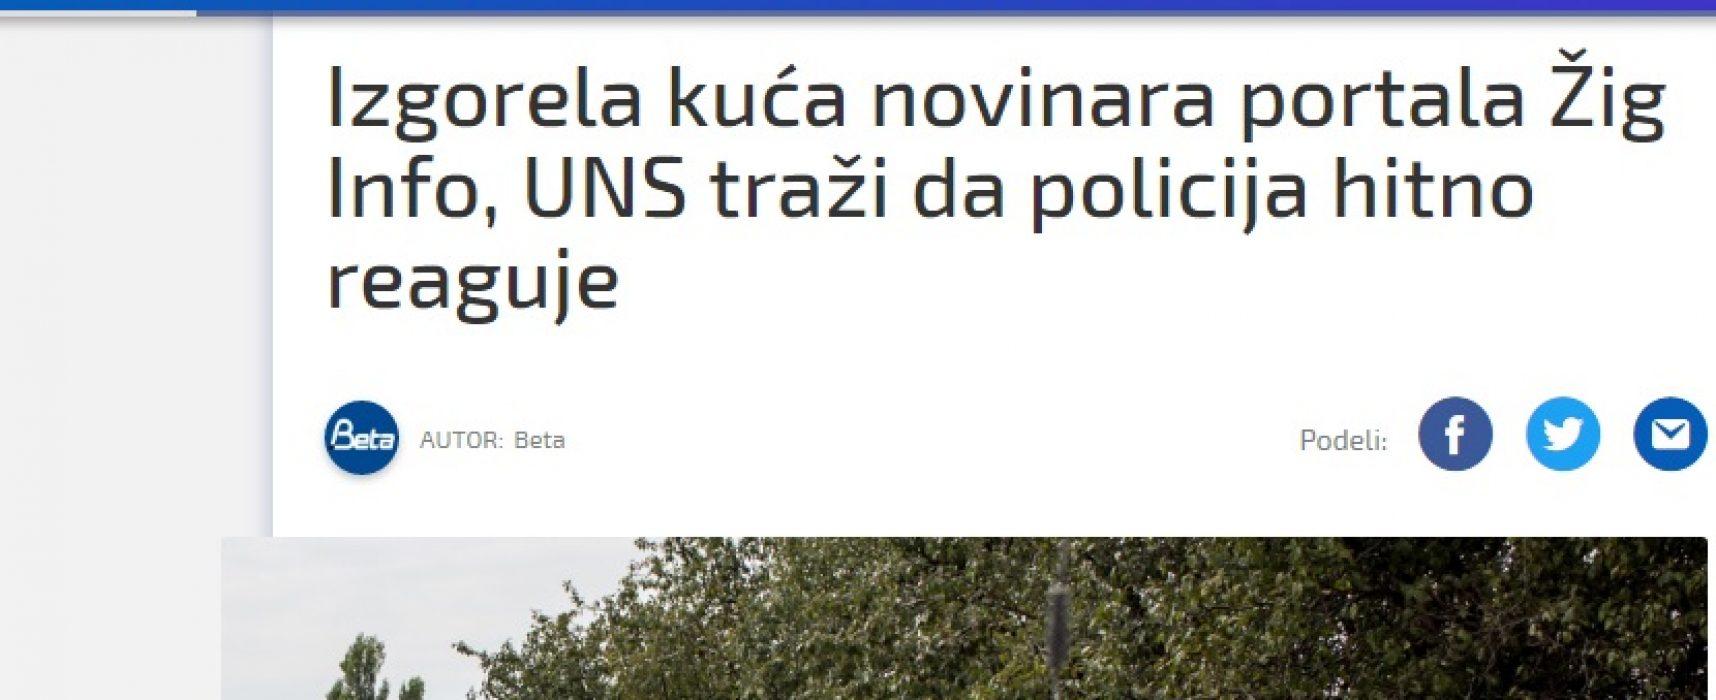 Izgorela kuća novinara portala Žig Info, UNS traži da policija hitno reaguje